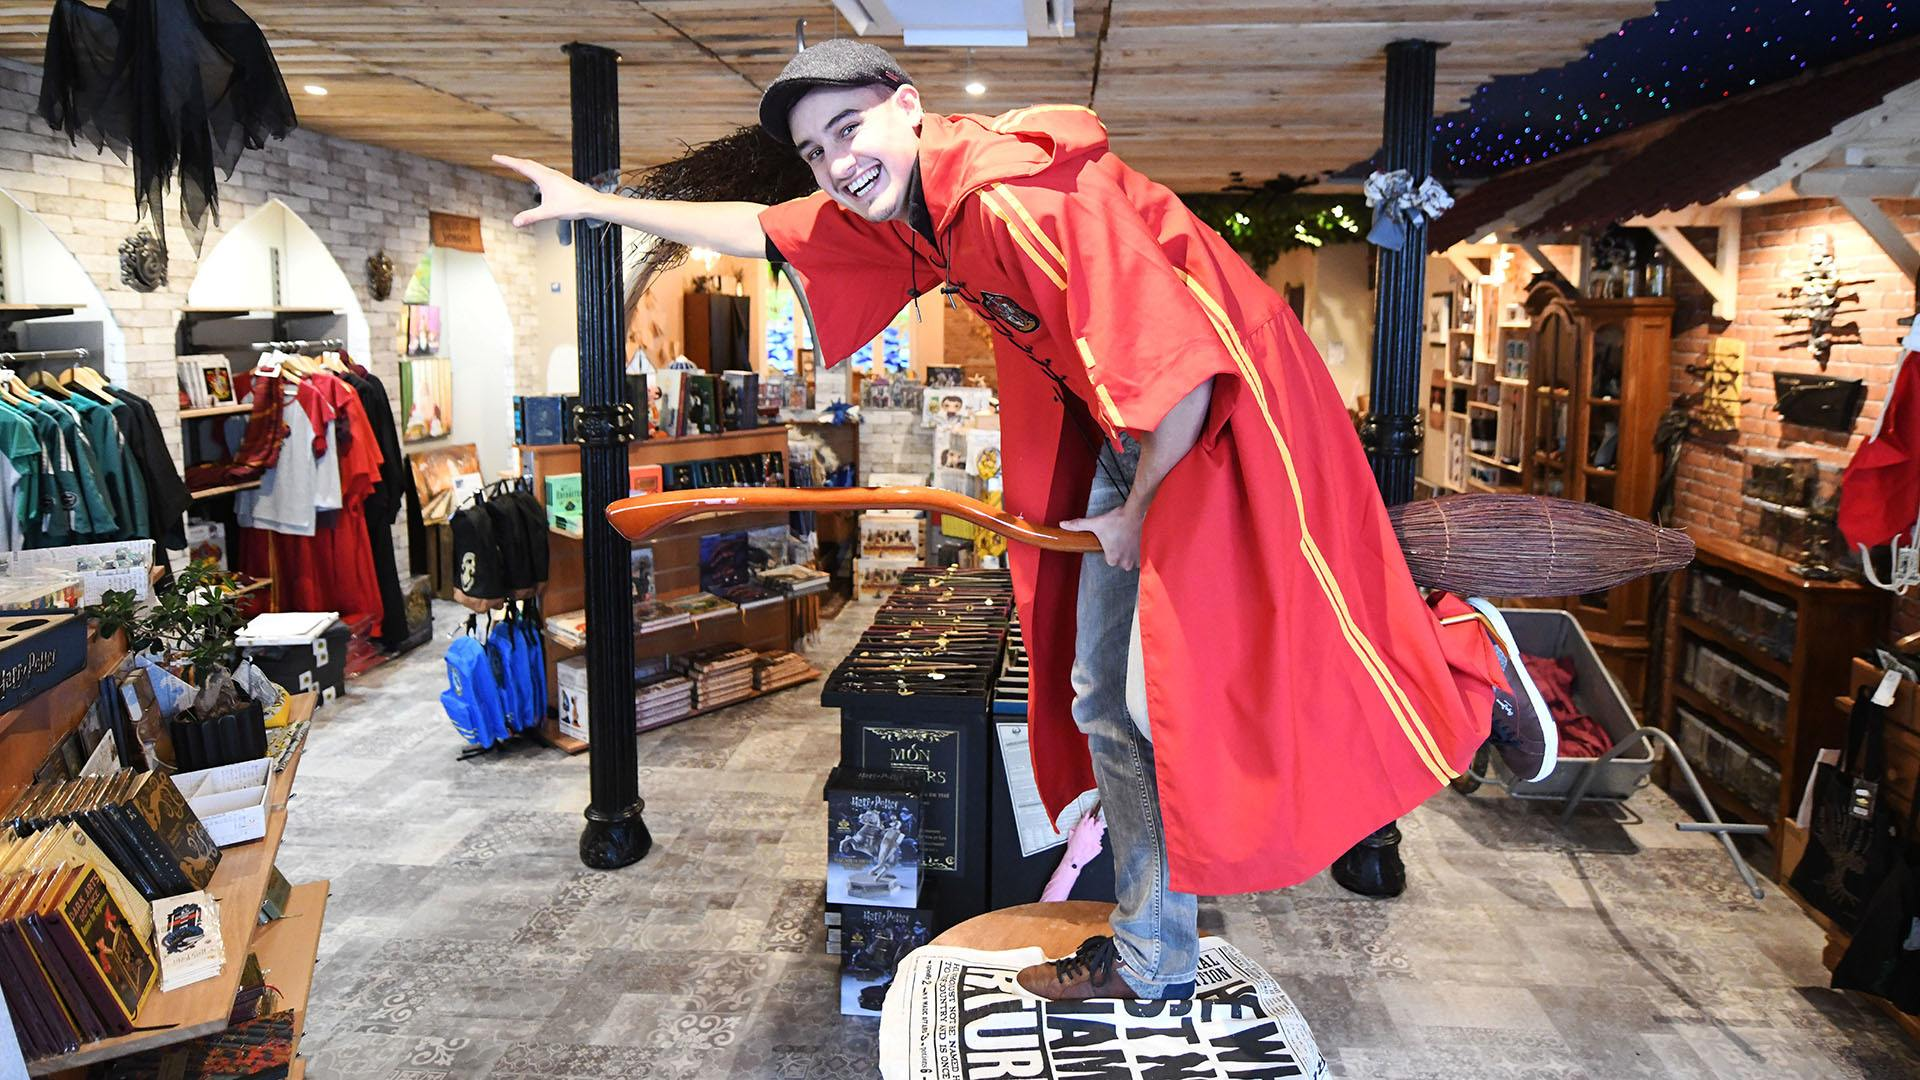 Mon Univers Harry Potter à Mulhouse : Tom Stocker gérant de Mon Univers